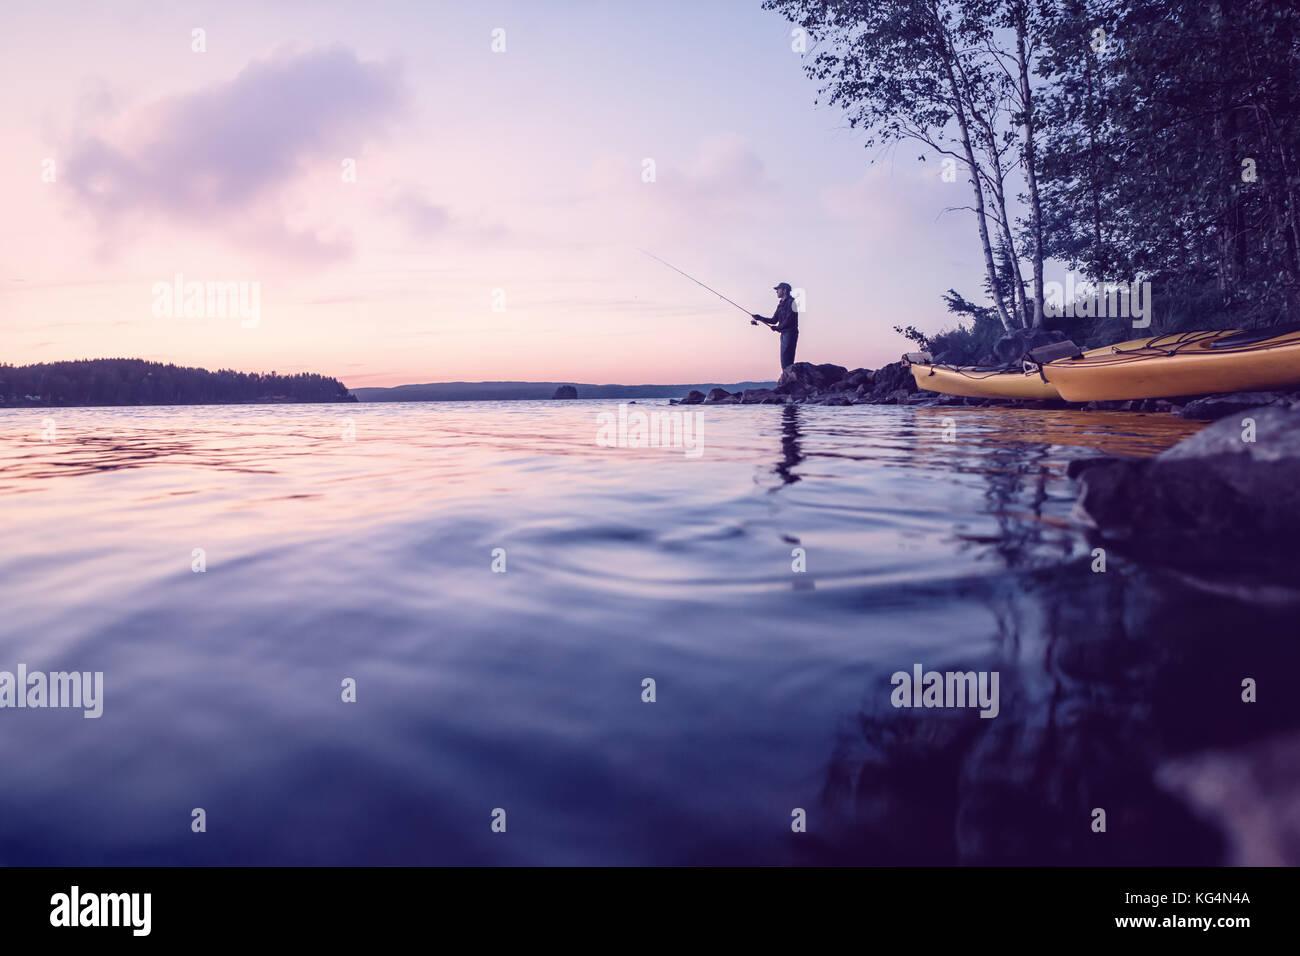 La pesca in un bellissimo lago Immagini Stock